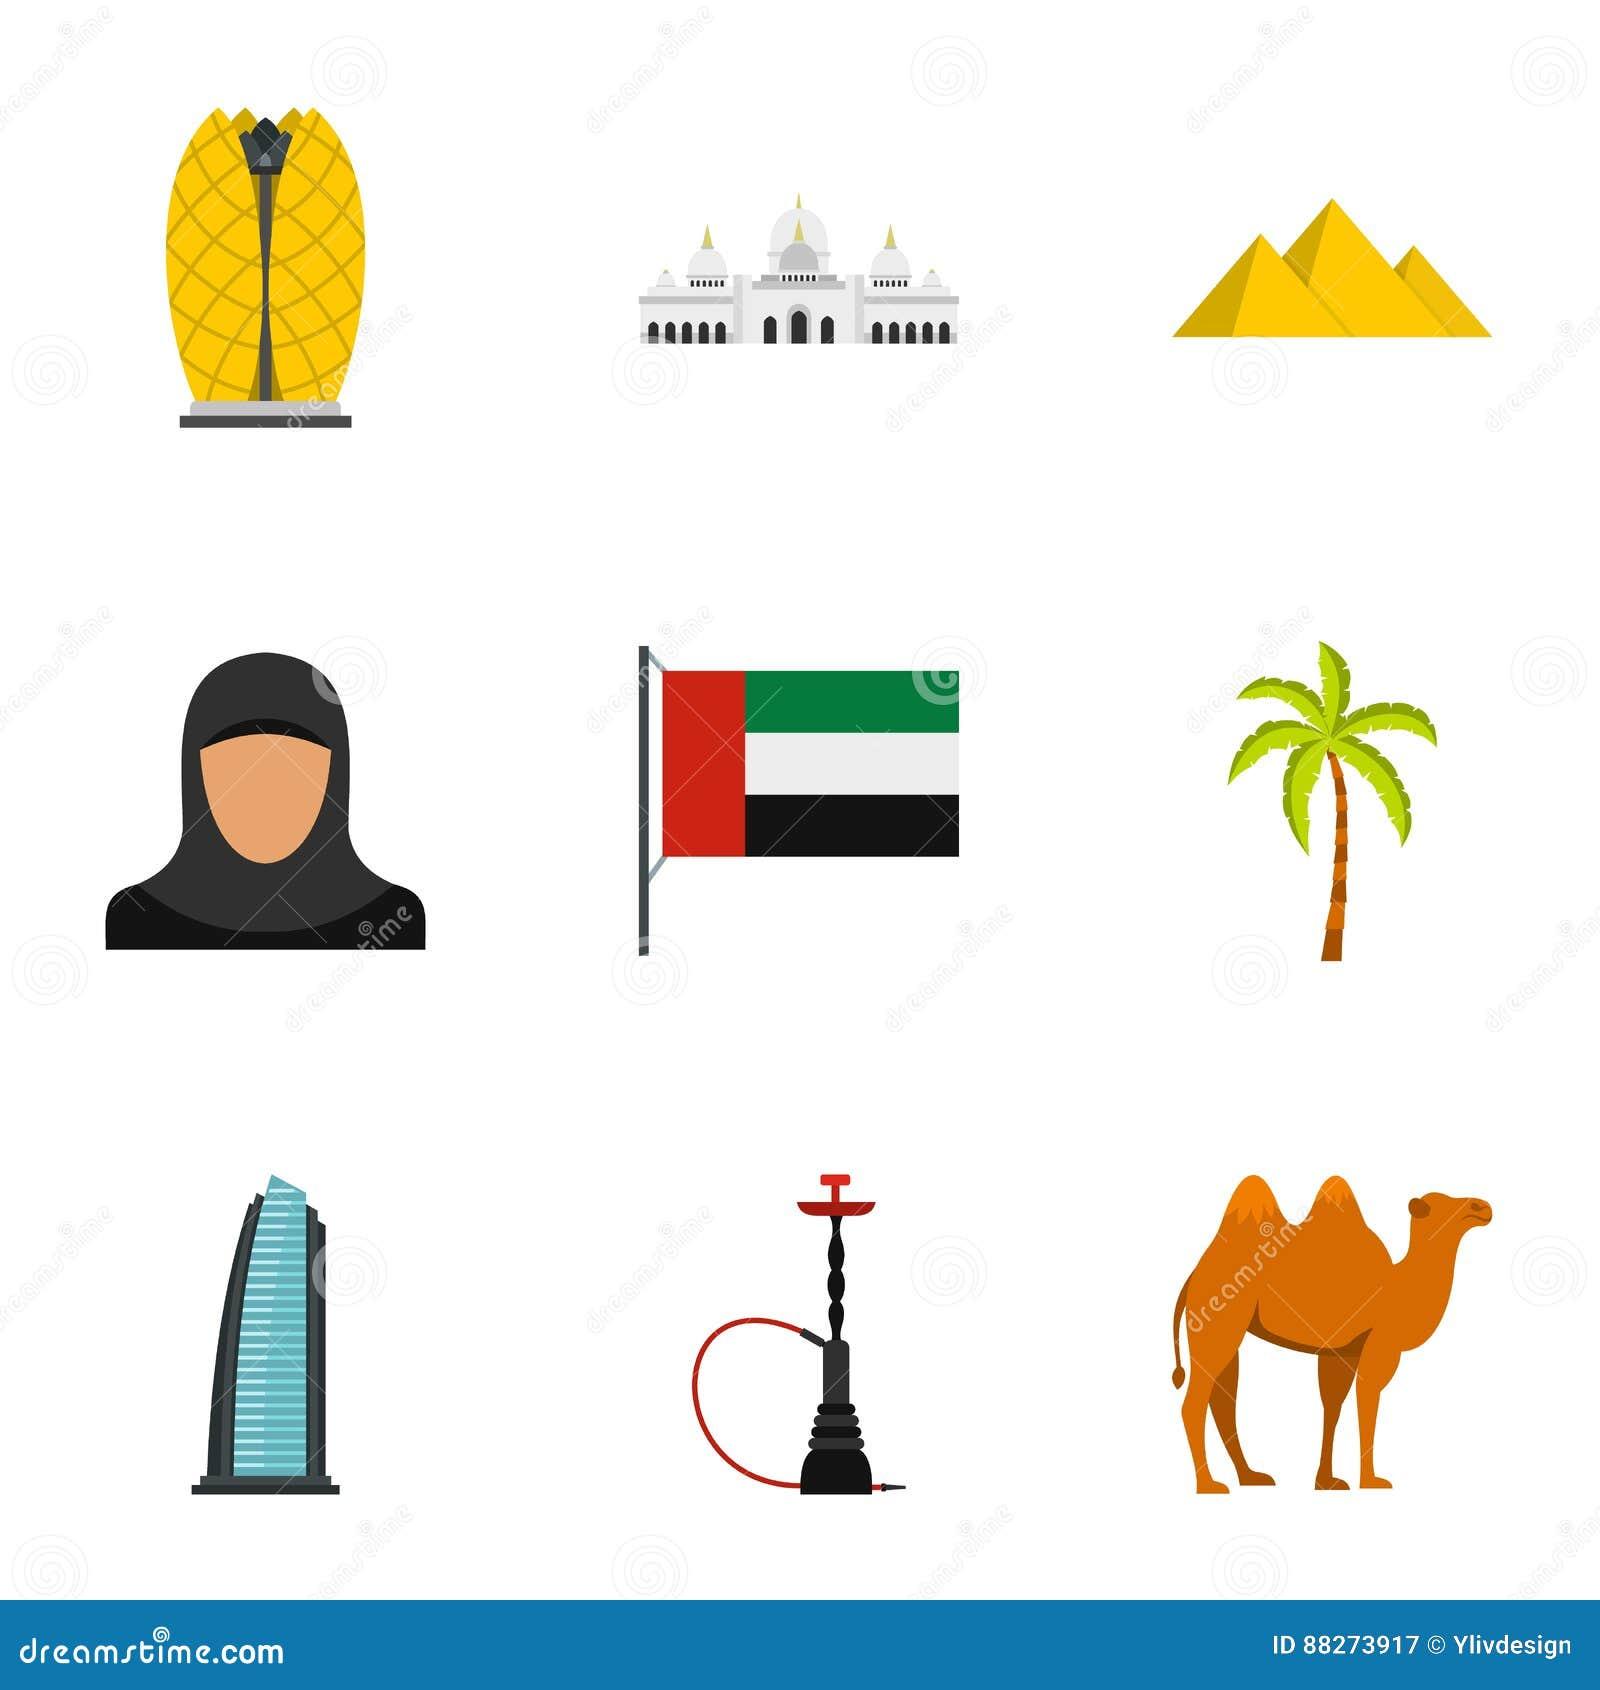 cid symbol image 7i